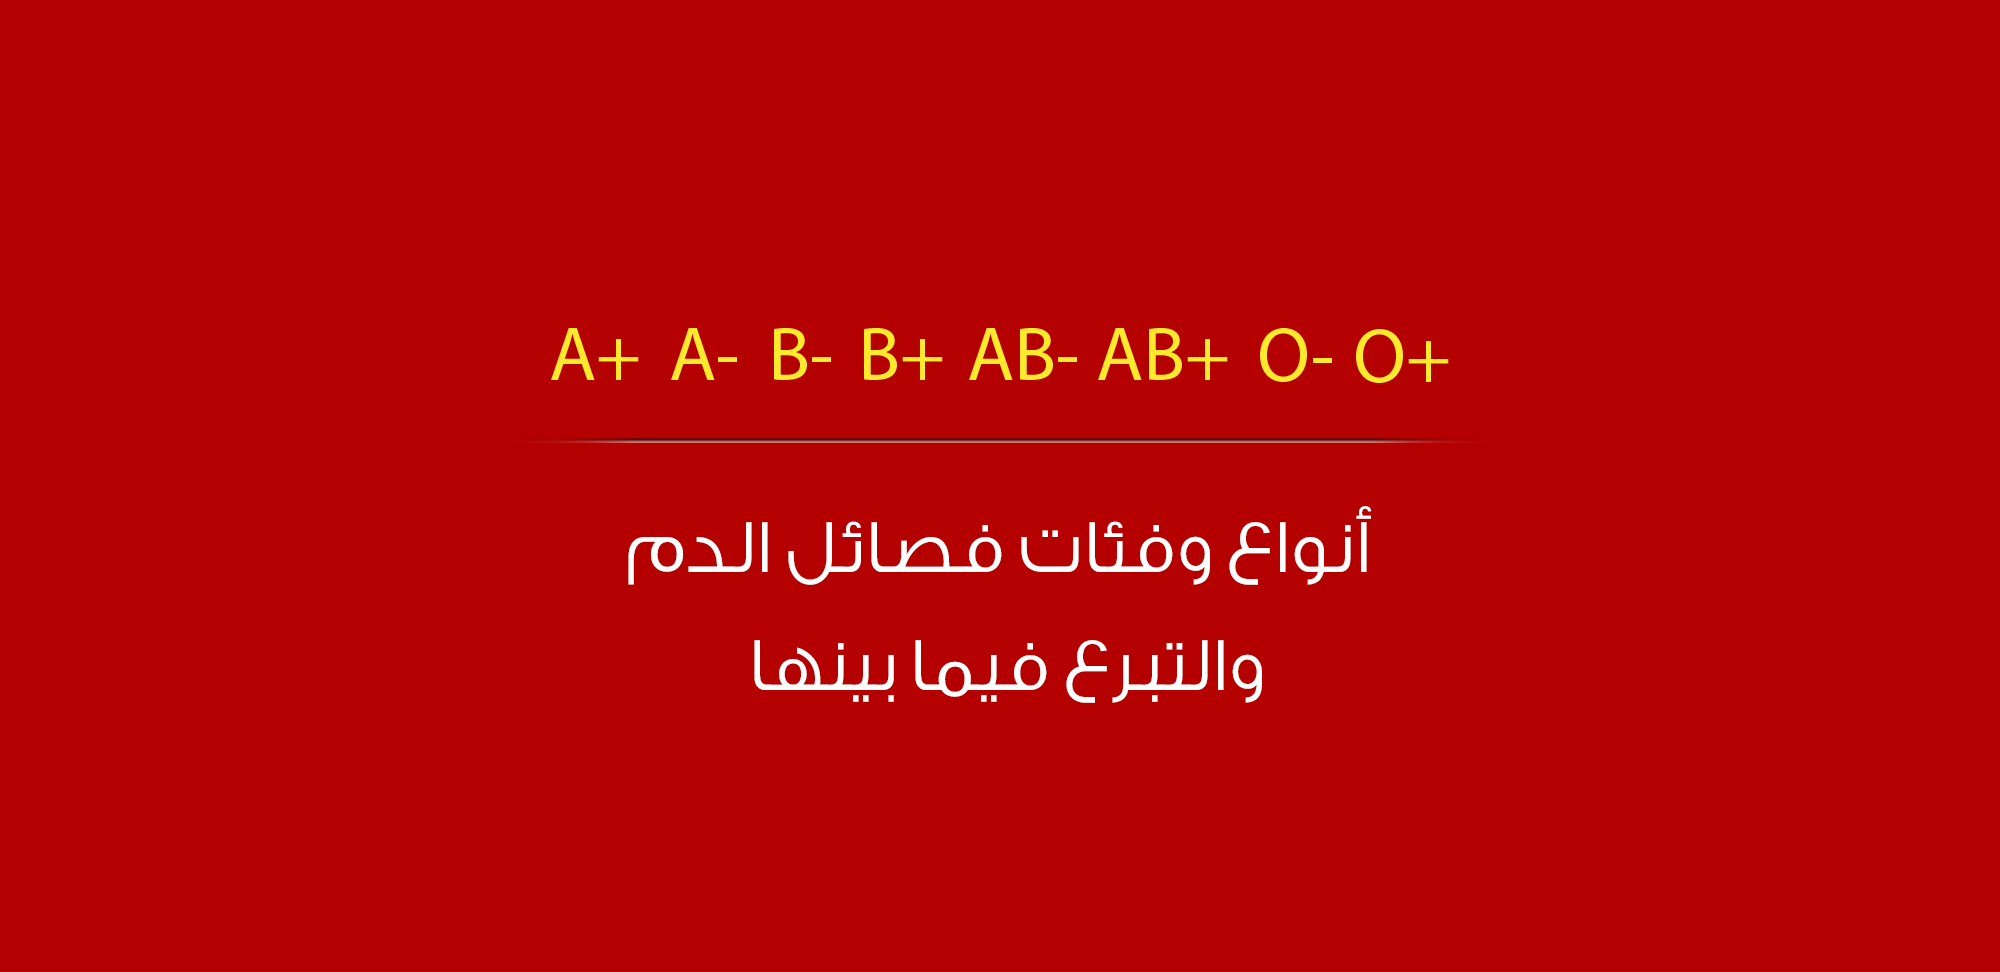 أنواع وفئات فصائل الدم والتبرع فيما بينها